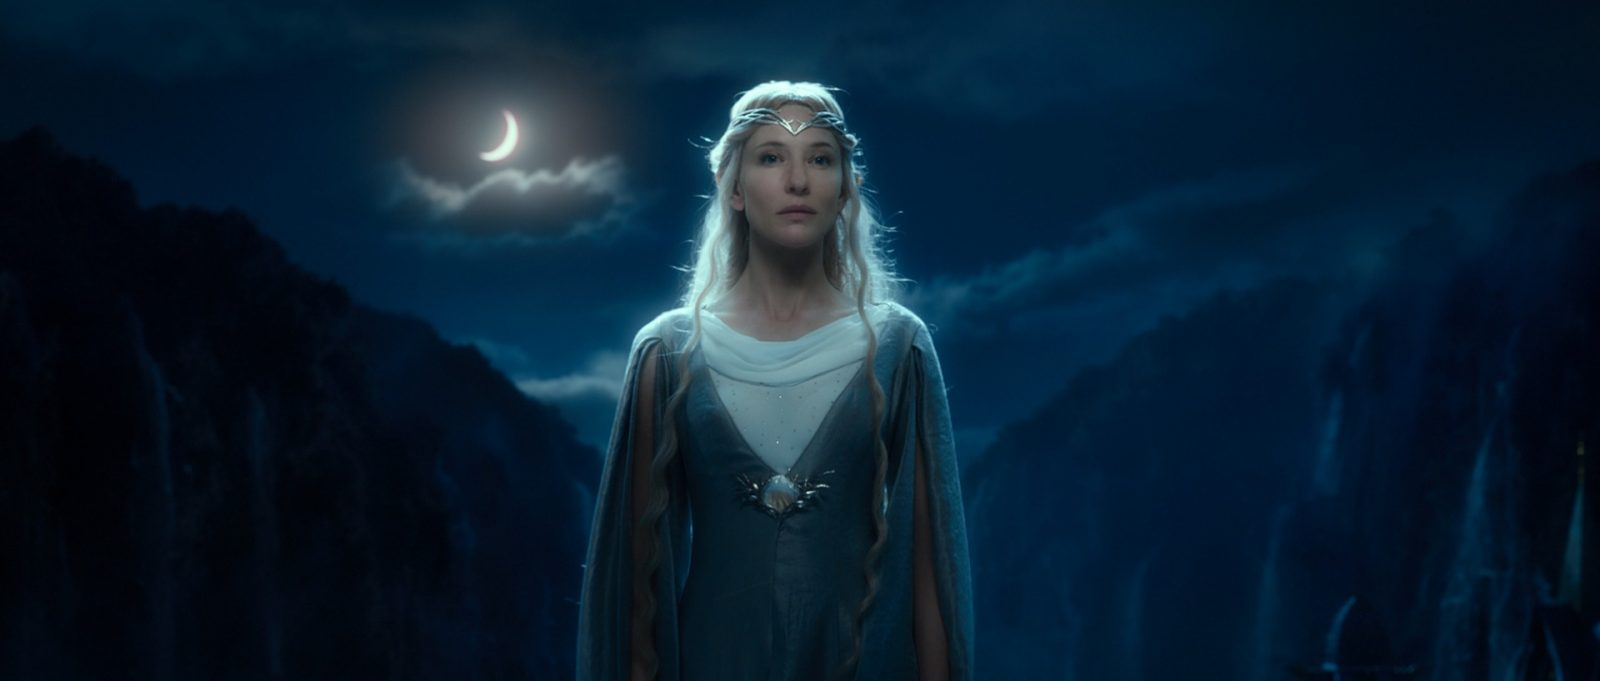 Сериал по «Властелину колец» нашел свою Галадриэль